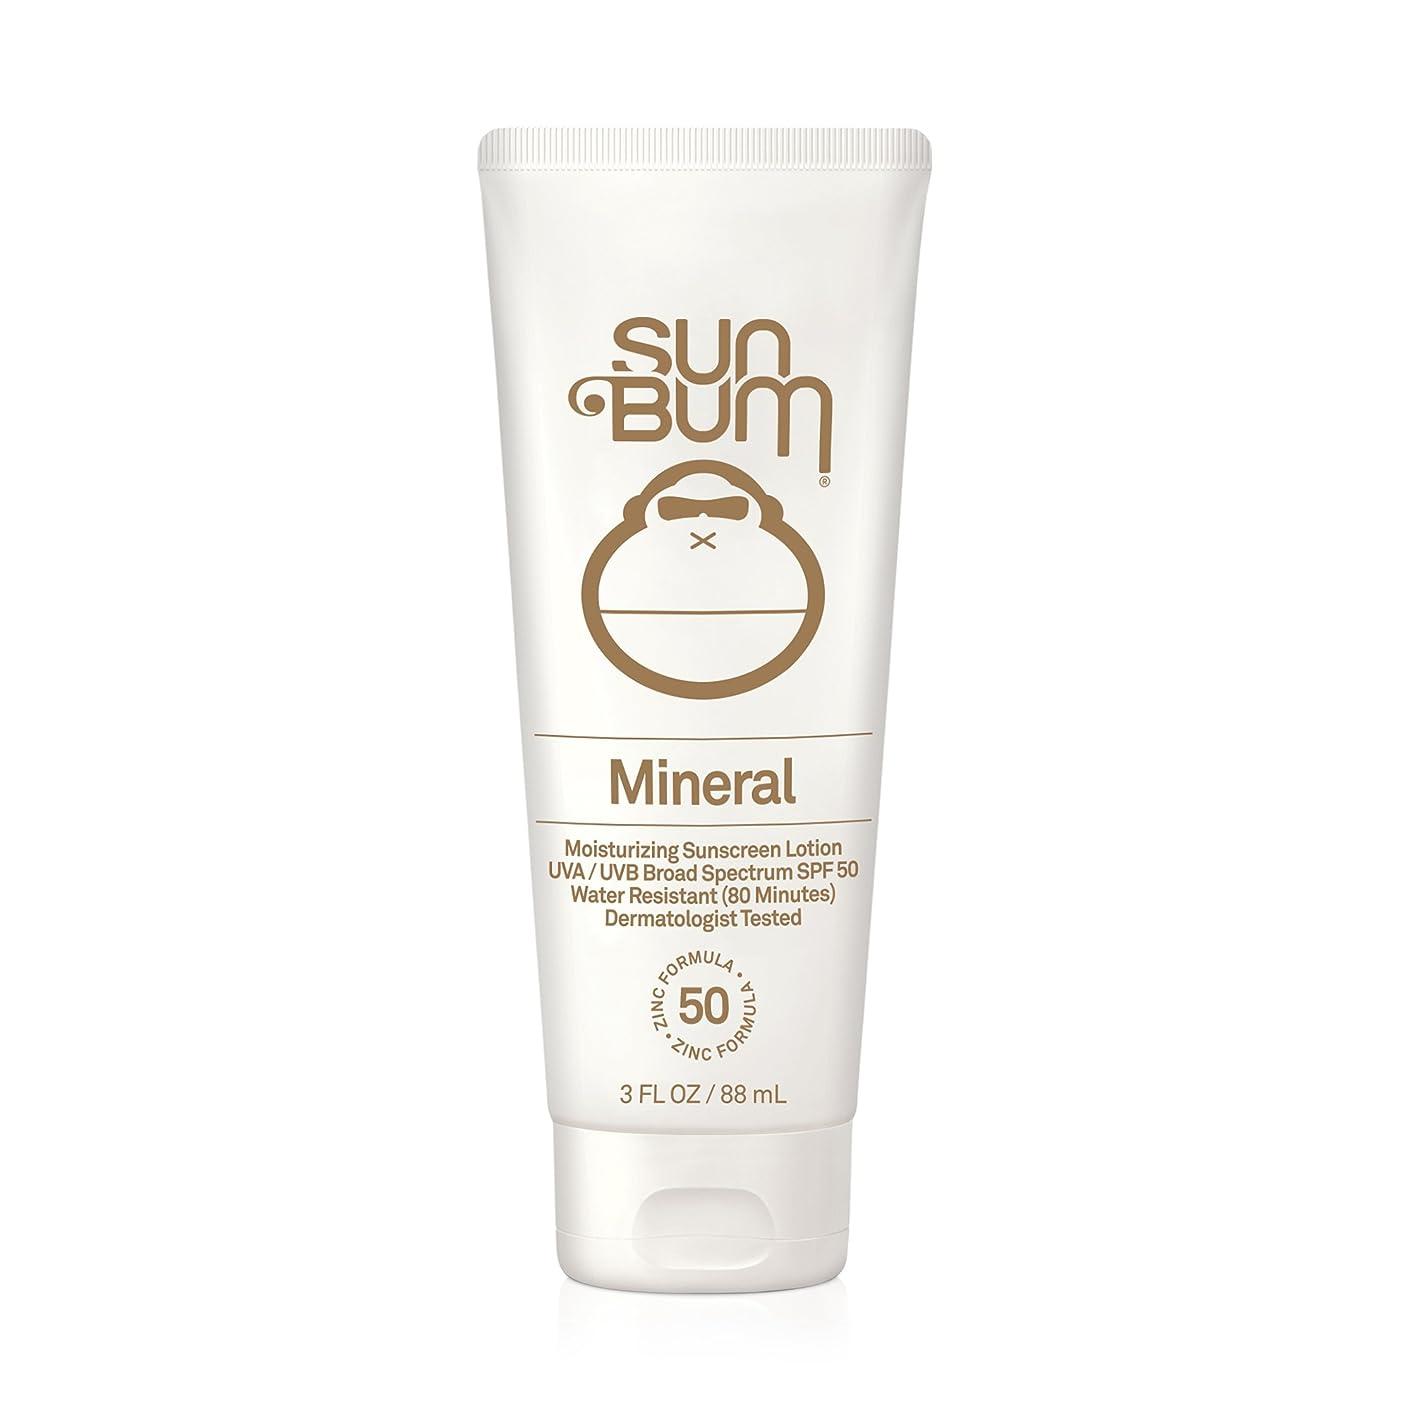 本当のことを言うとイライラする集団的サン バン SUN BUM 日焼け止め サンスクリーン オーガニック ハワイ Sunscreen SPF 50 88ml 3FL OZ